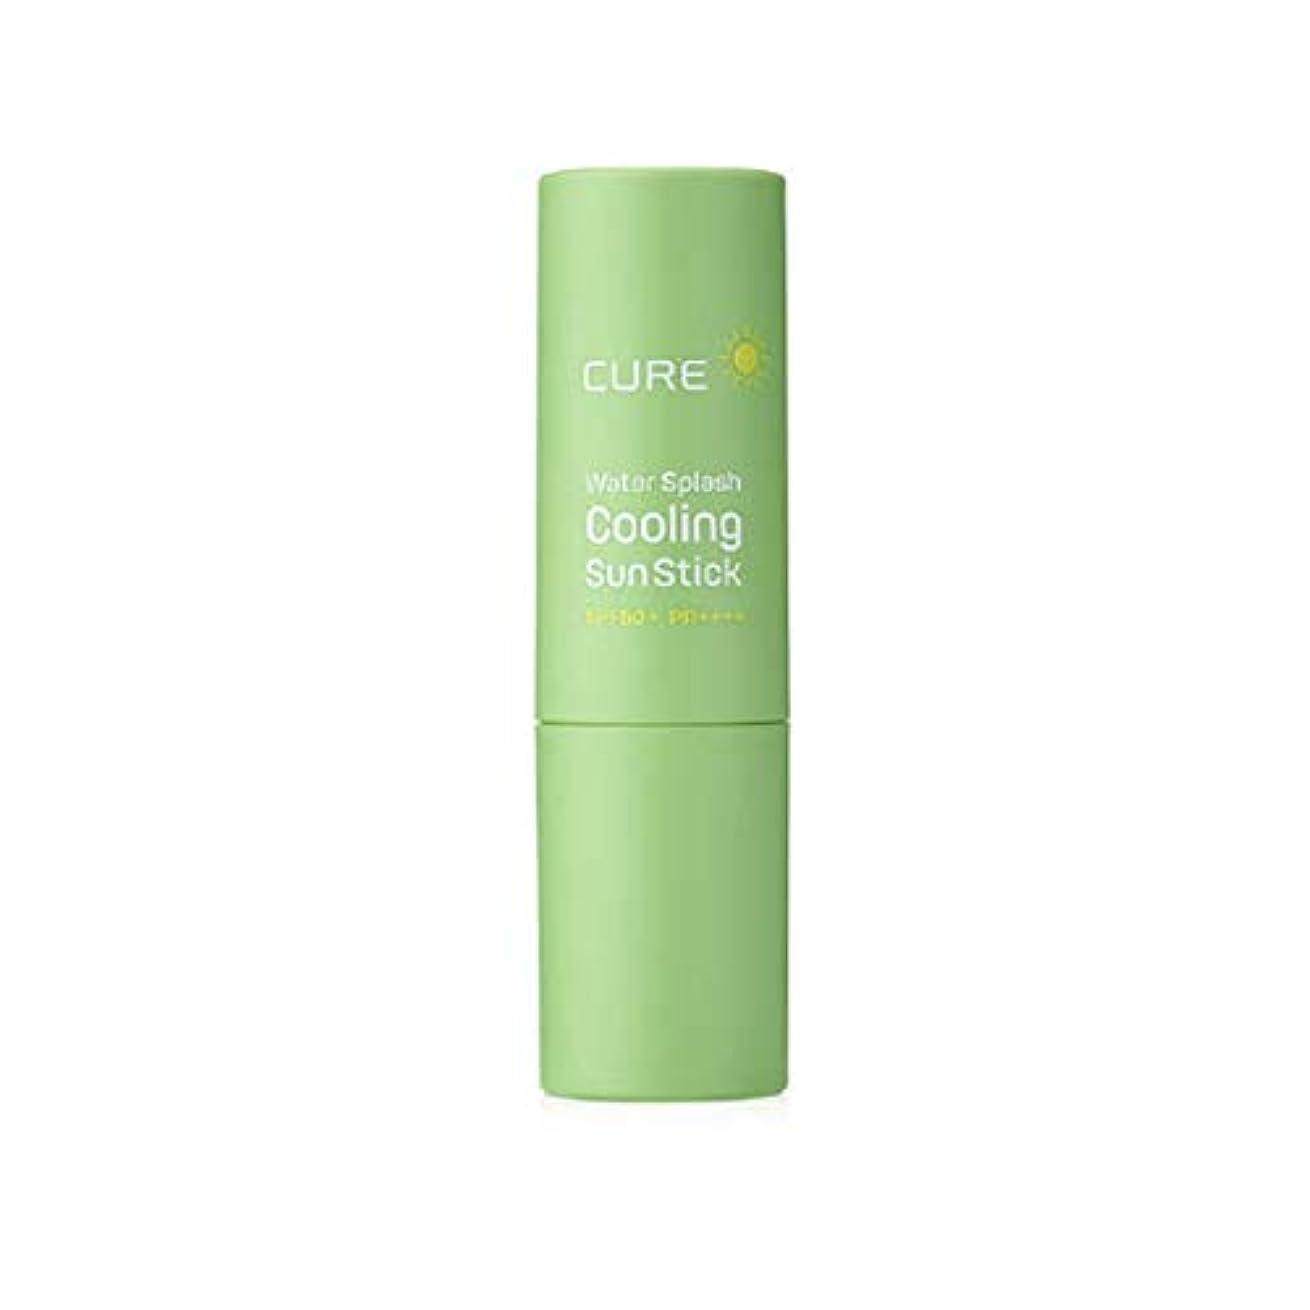 ストッキングお嬢したがって[KIMJUNGMOON ALOE] キムジョンムンアロエ Cure Water Splash Coolling Sun Stick 11gキュアウォータースプラッシュクーリングスティックSPF50+/PA++++ 42%...